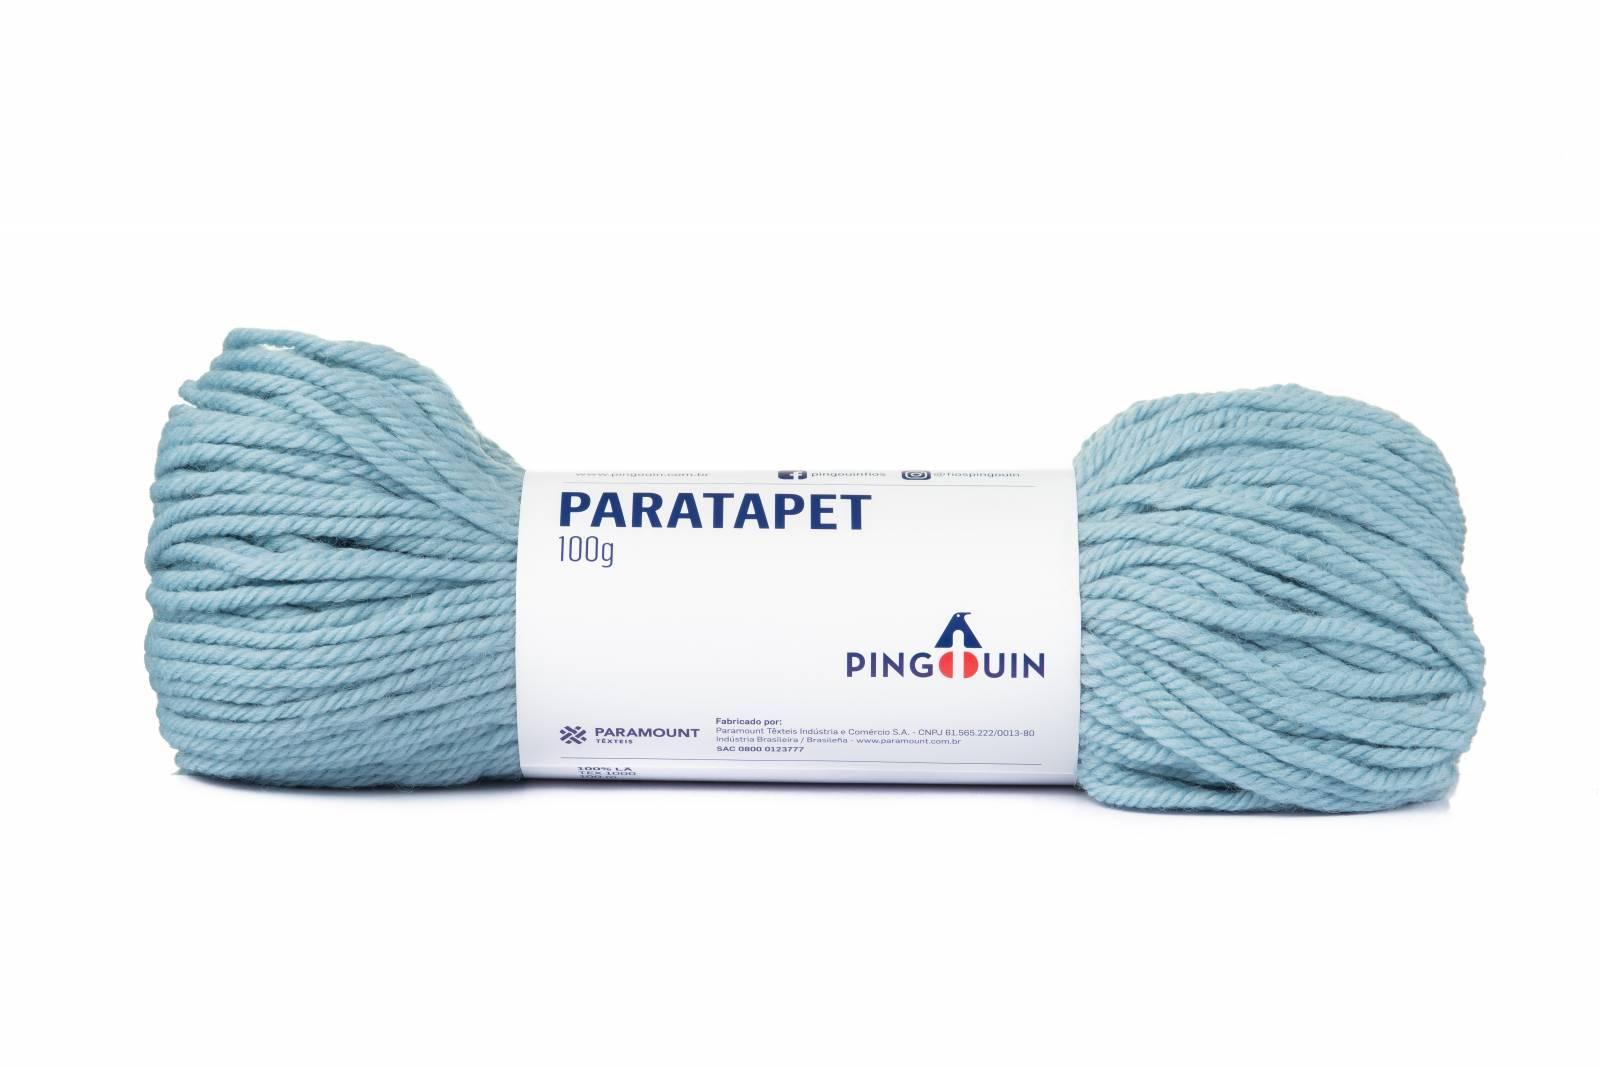 Paratapet cor 8504 dream - BAÚ DA VOVÓ